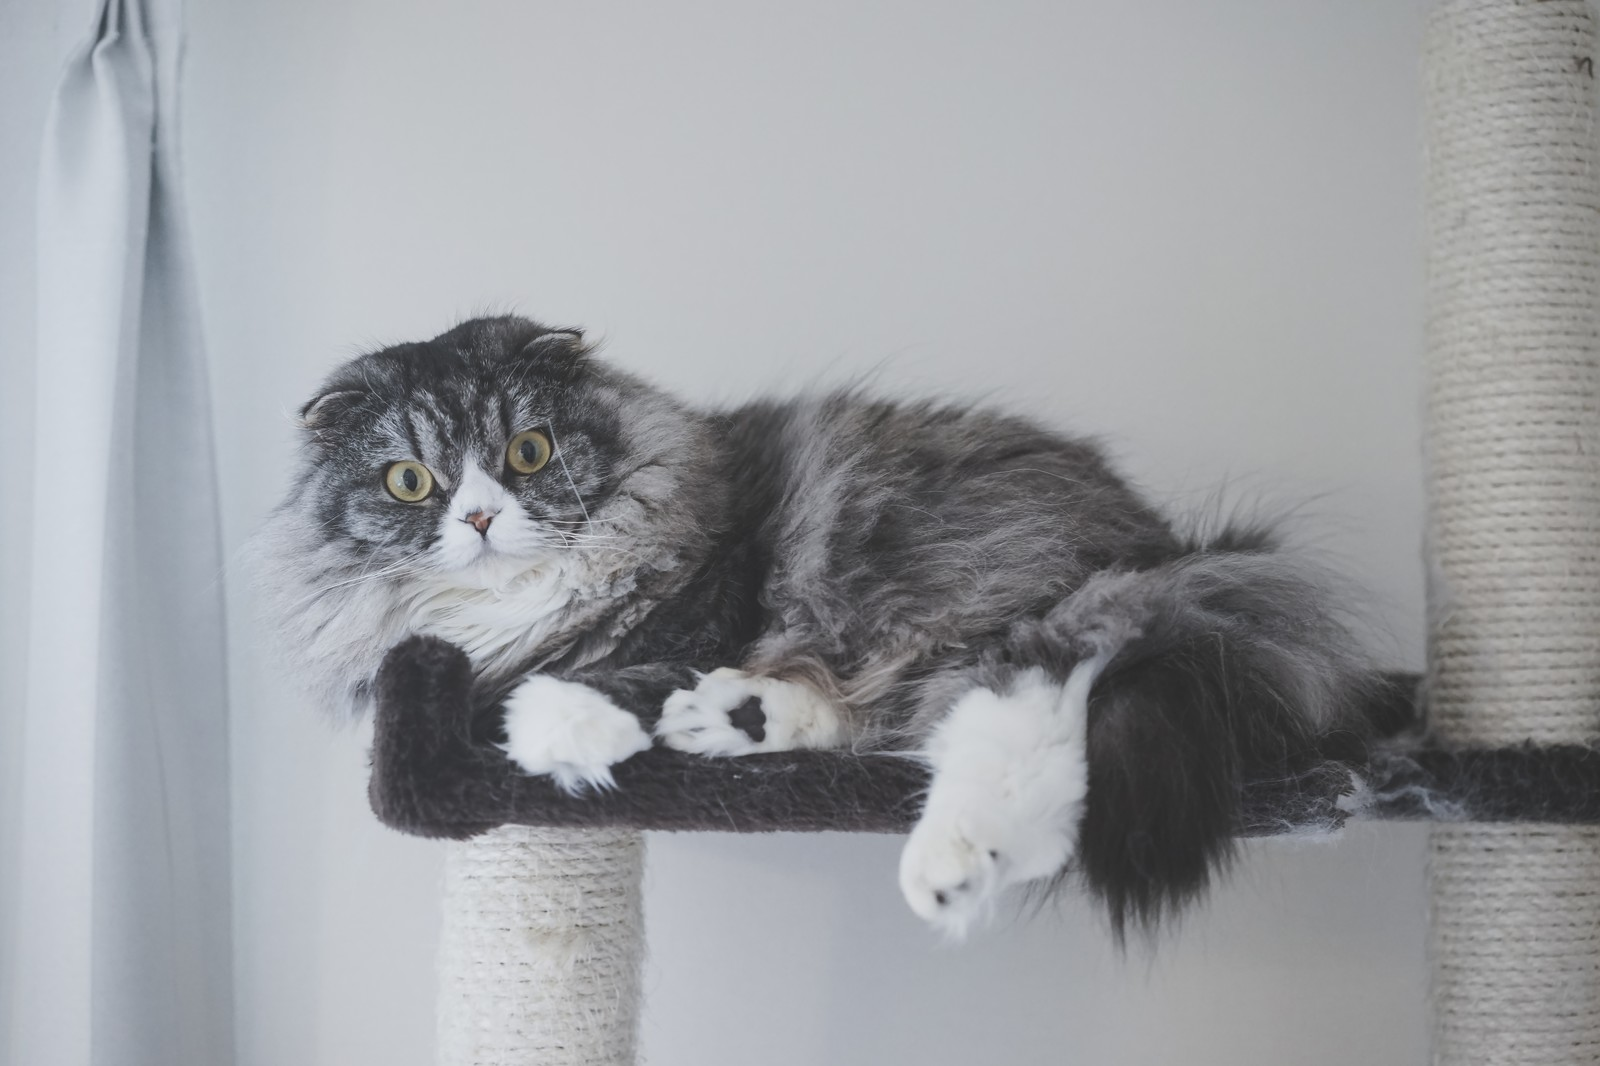 「大型のアルゴリズム変動でアフィサイトが軒並み飛んだ時(猫)大型のアルゴリズム変動でアフィサイトが軒並み飛んだ時(猫)」のフリー写真素材を拡大